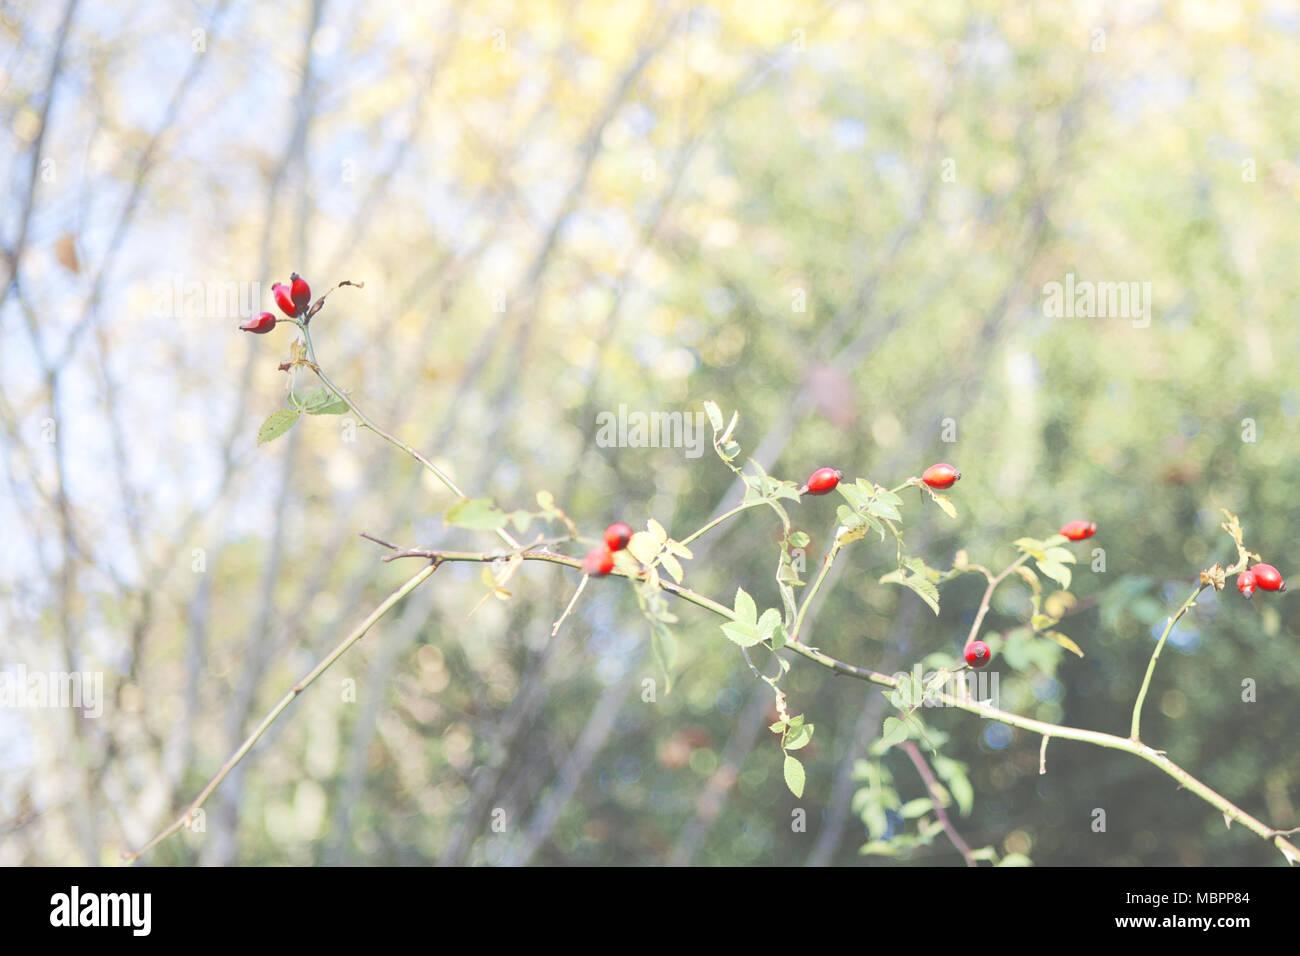 El perro Rose (Rosa canina), una planta de seto común en el sur de ...